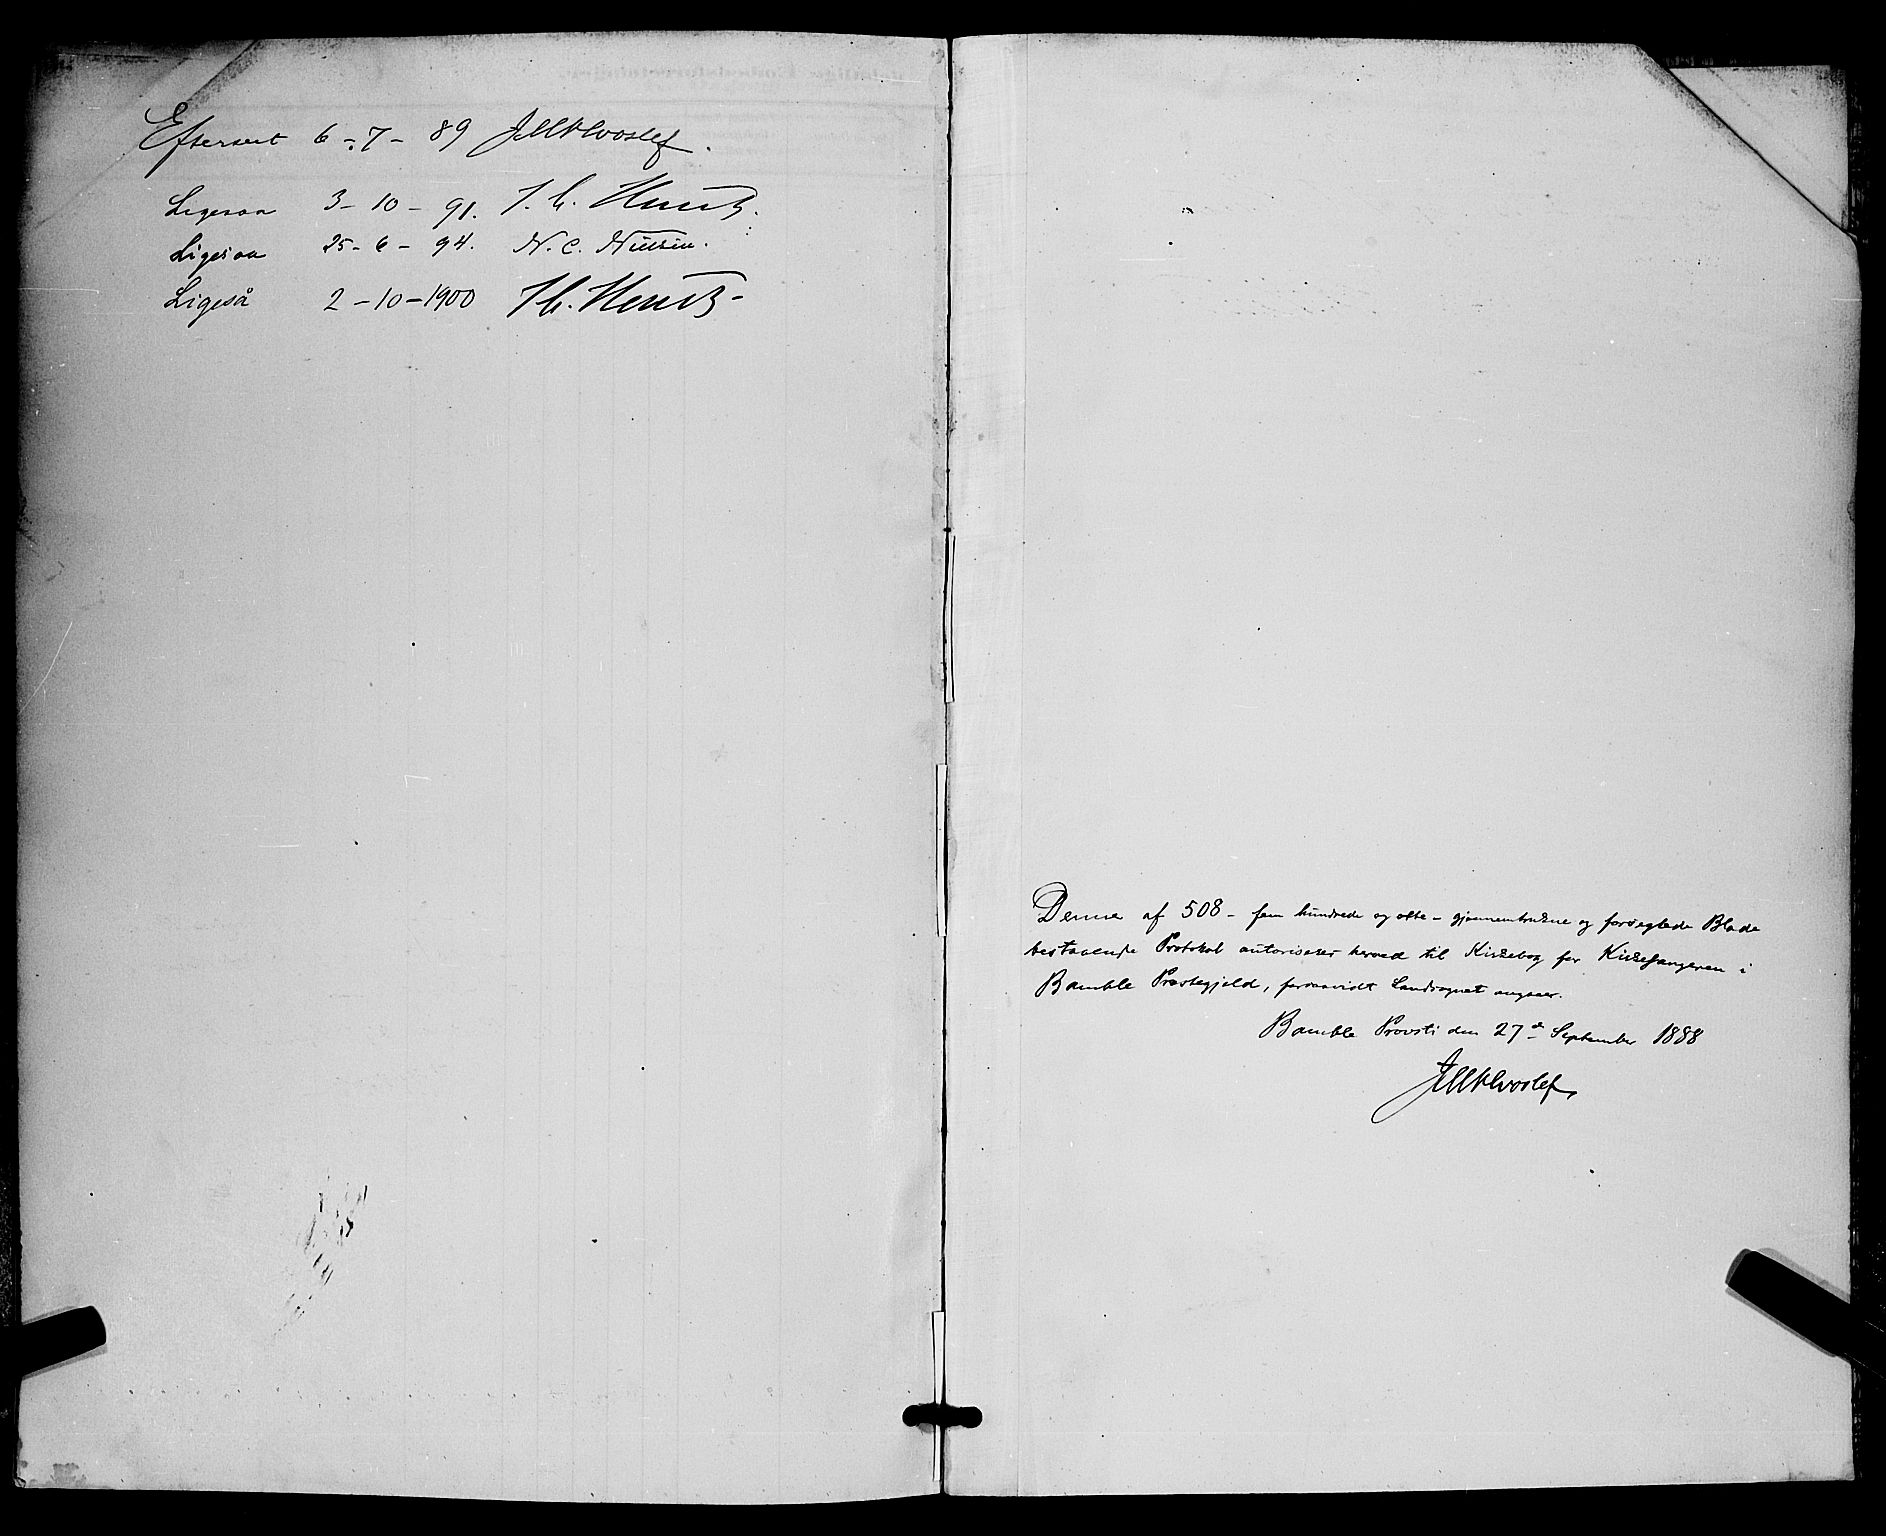 SAKO, Bamble kirkebøker, G/Ga/L0009: Klokkerbok nr. I 9, 1888-1900